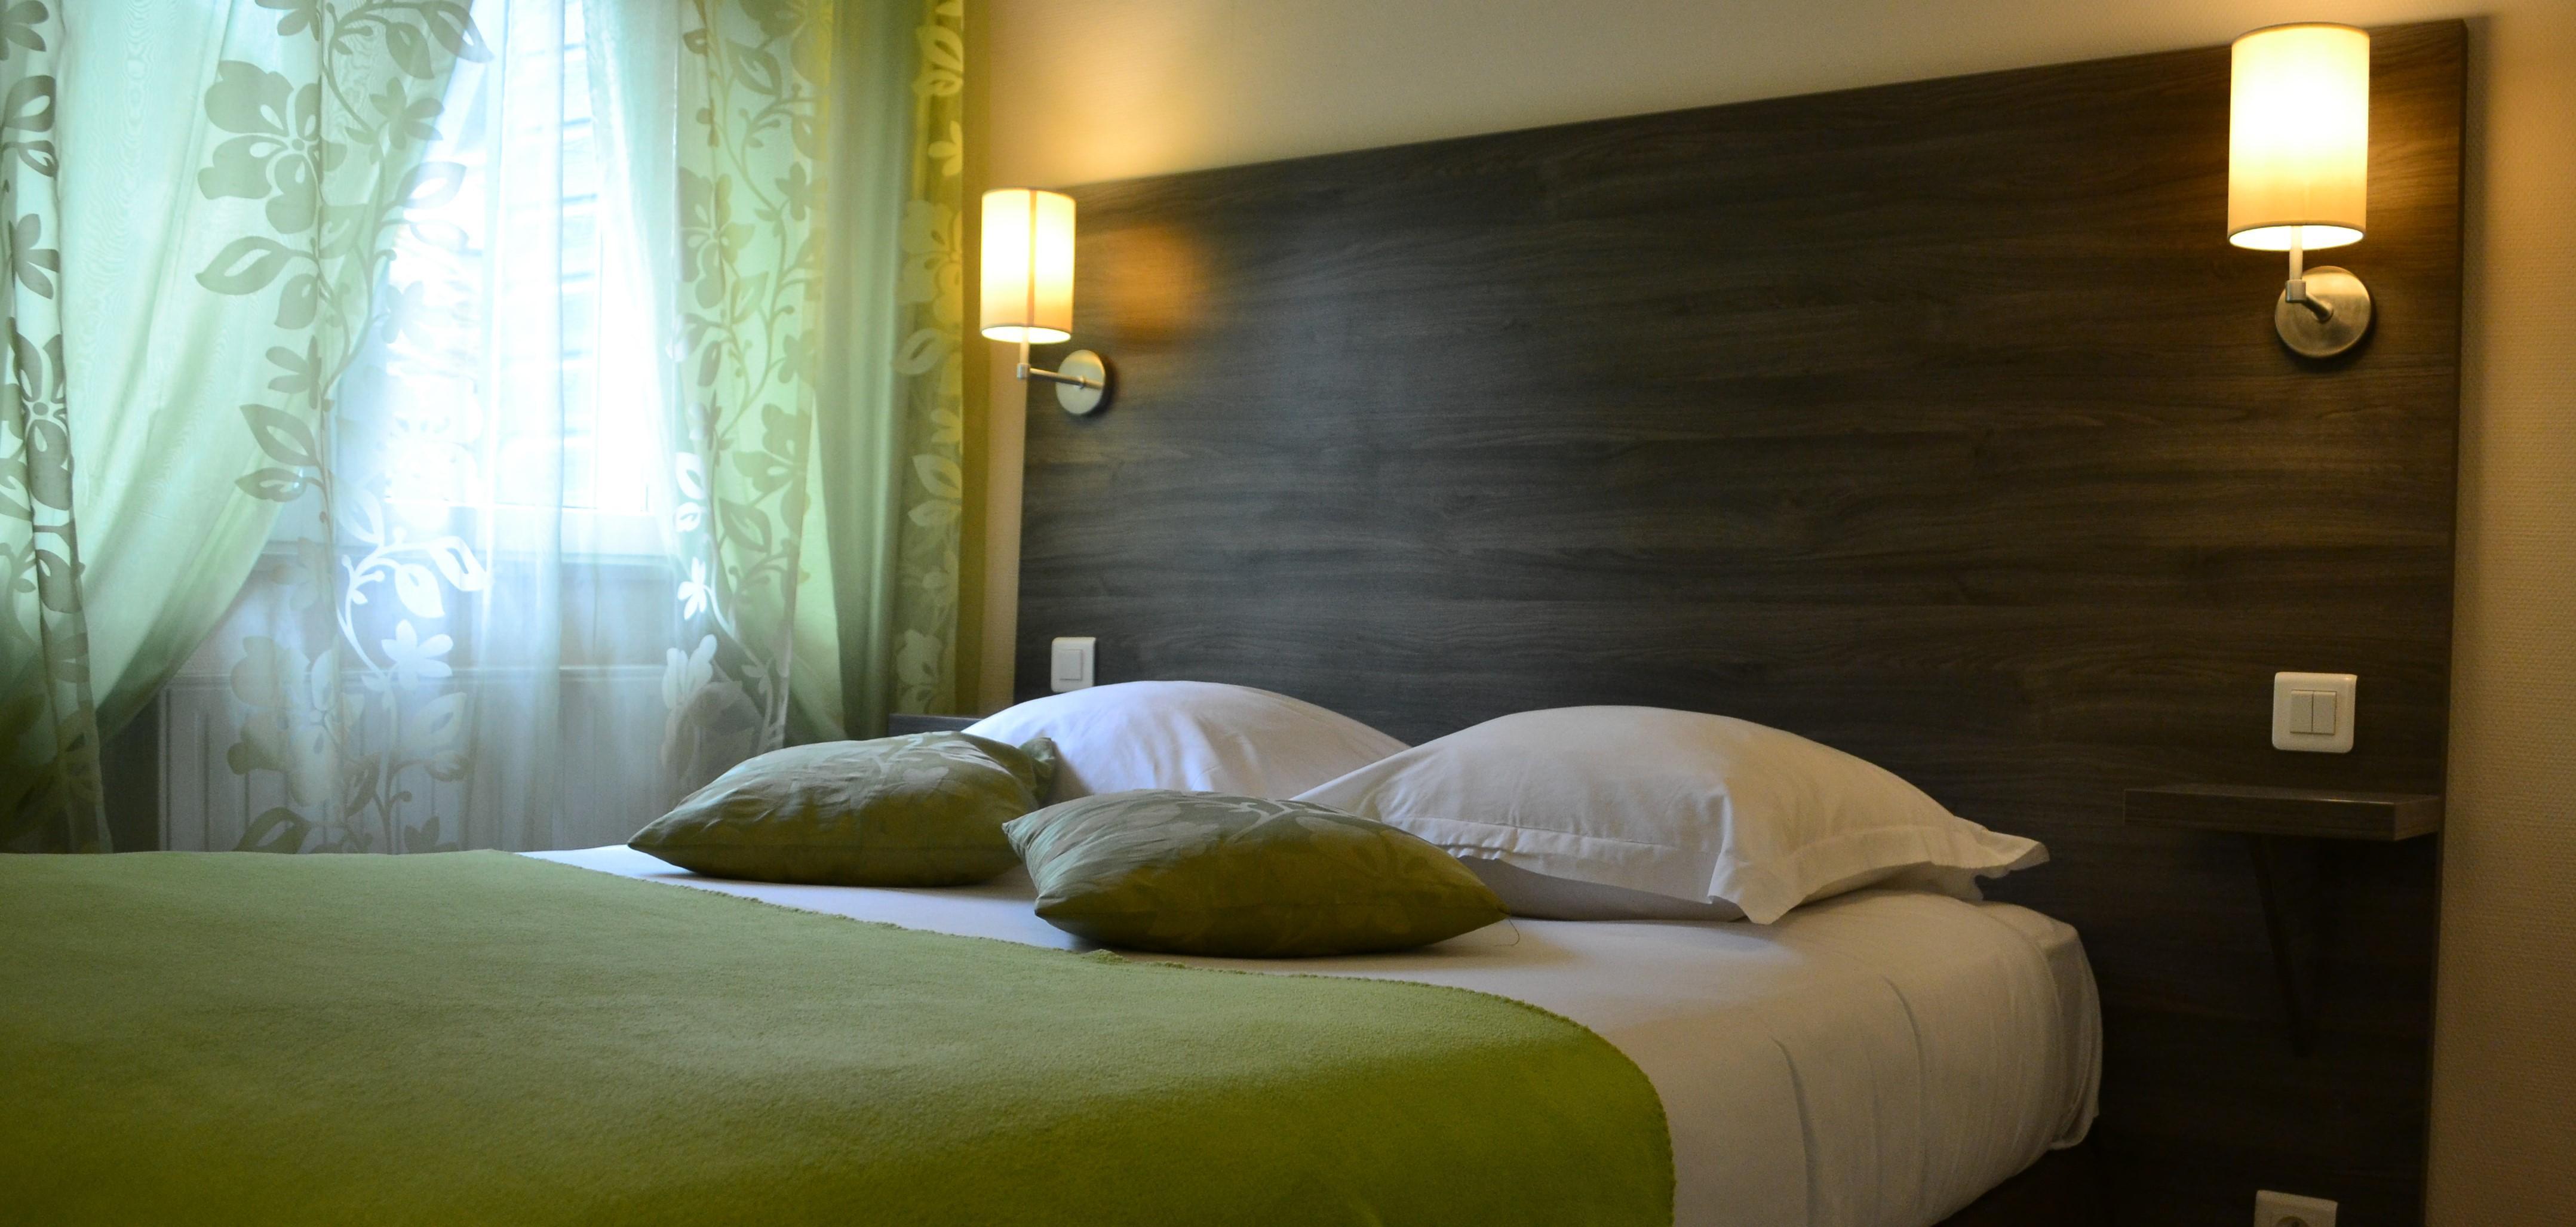 Logis hôtel situé dans le centre de Bolbec,  à 20 km de Honfleur